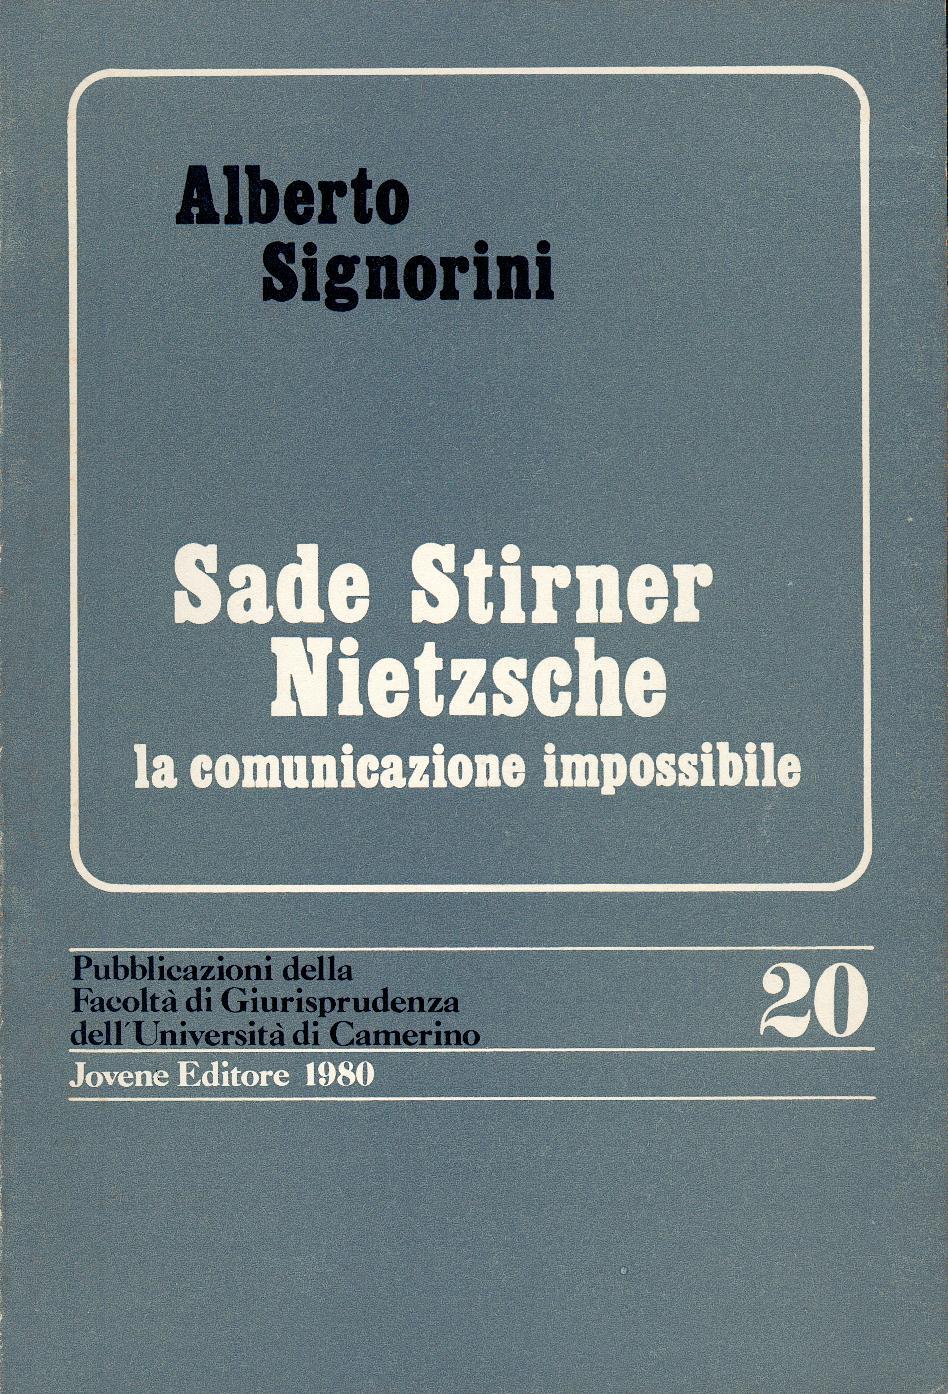 Sade, Stirner, Nietzsche